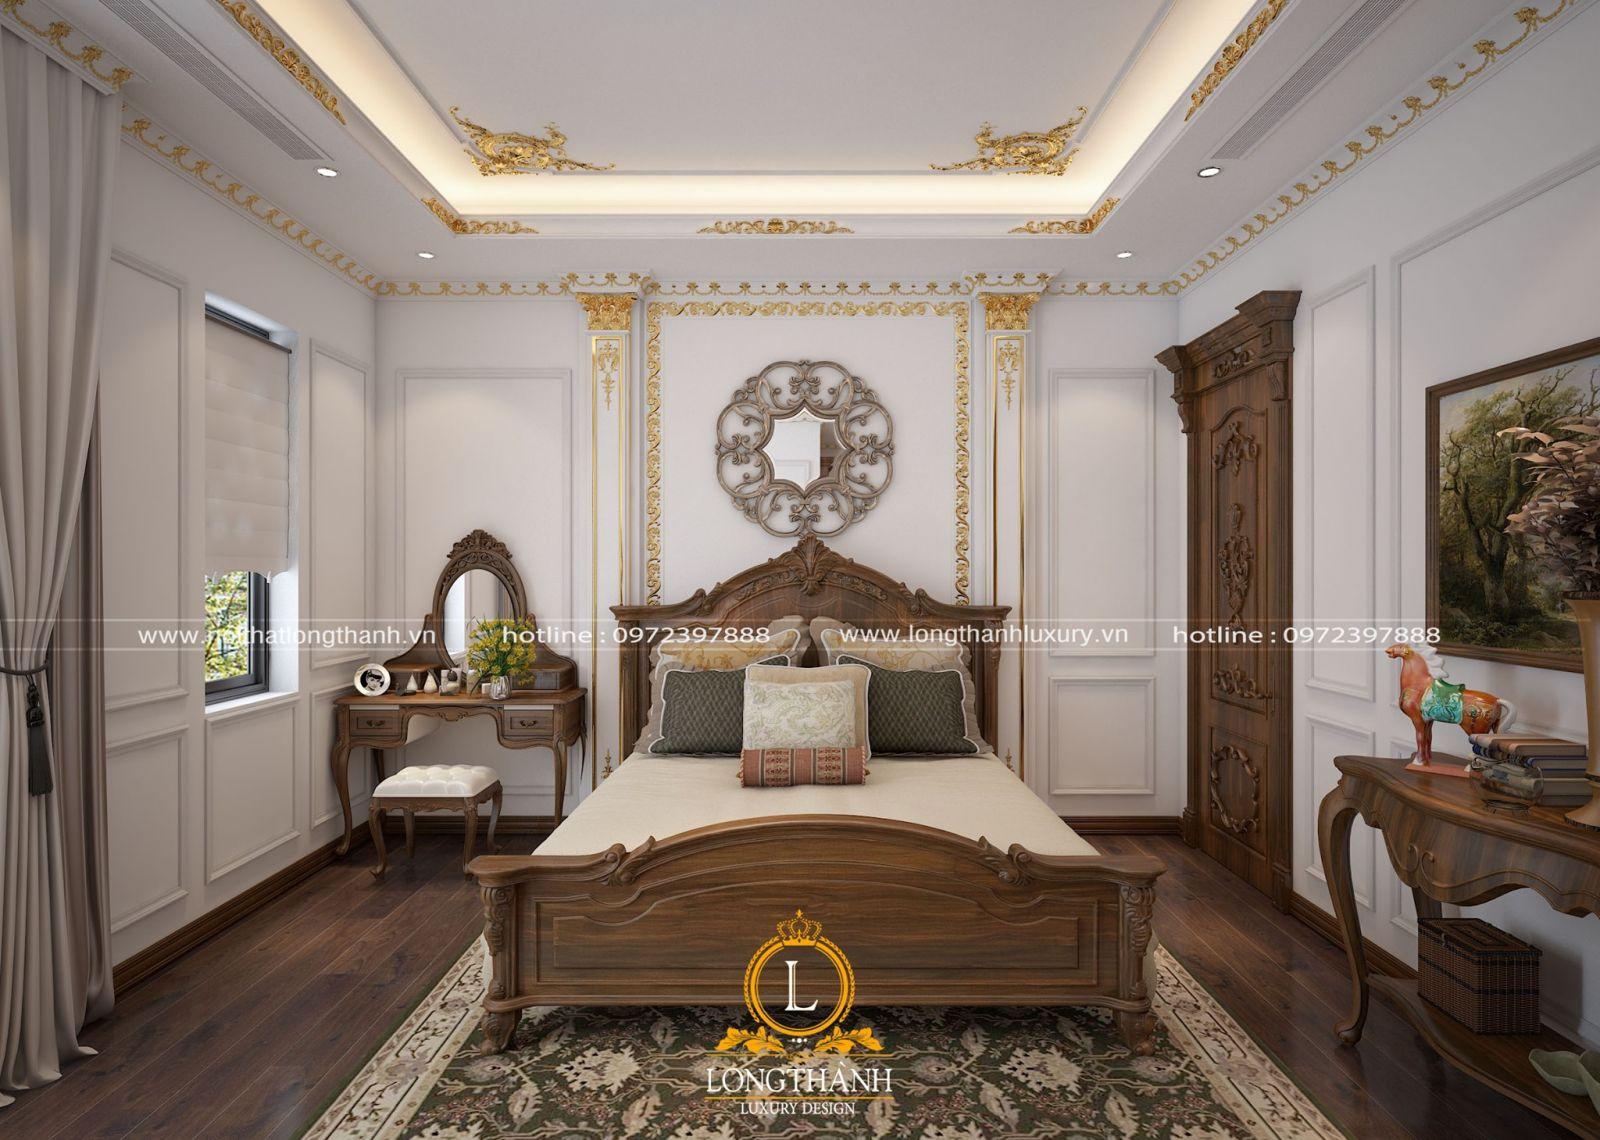 Thiết kế giường ngủ tân cổ điển làm hoàn toàn từ gỗ tự nhiên